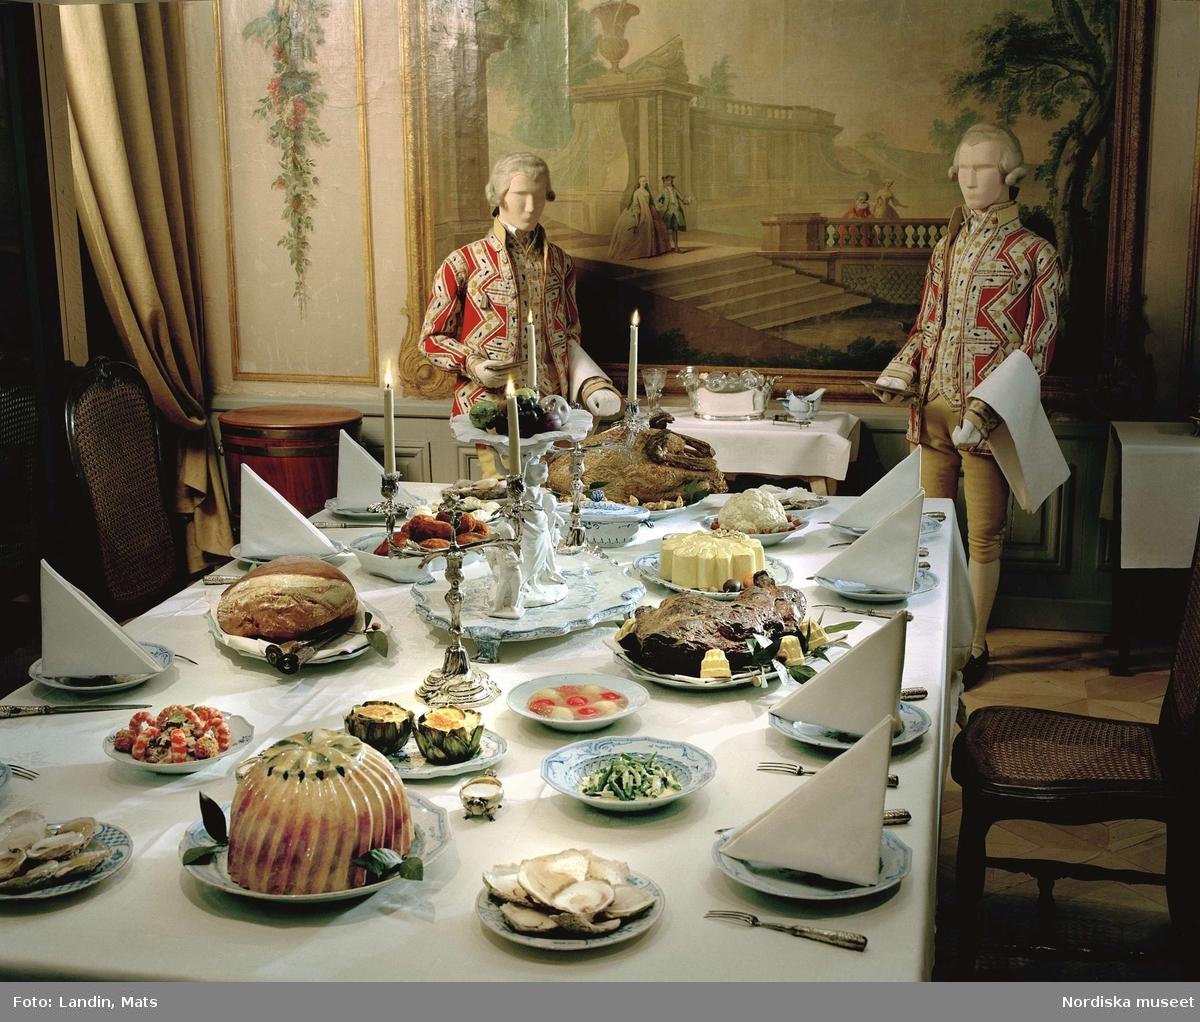 Utställningen Dukade bord på Nordiska museet. Festbord från 1700-talet.